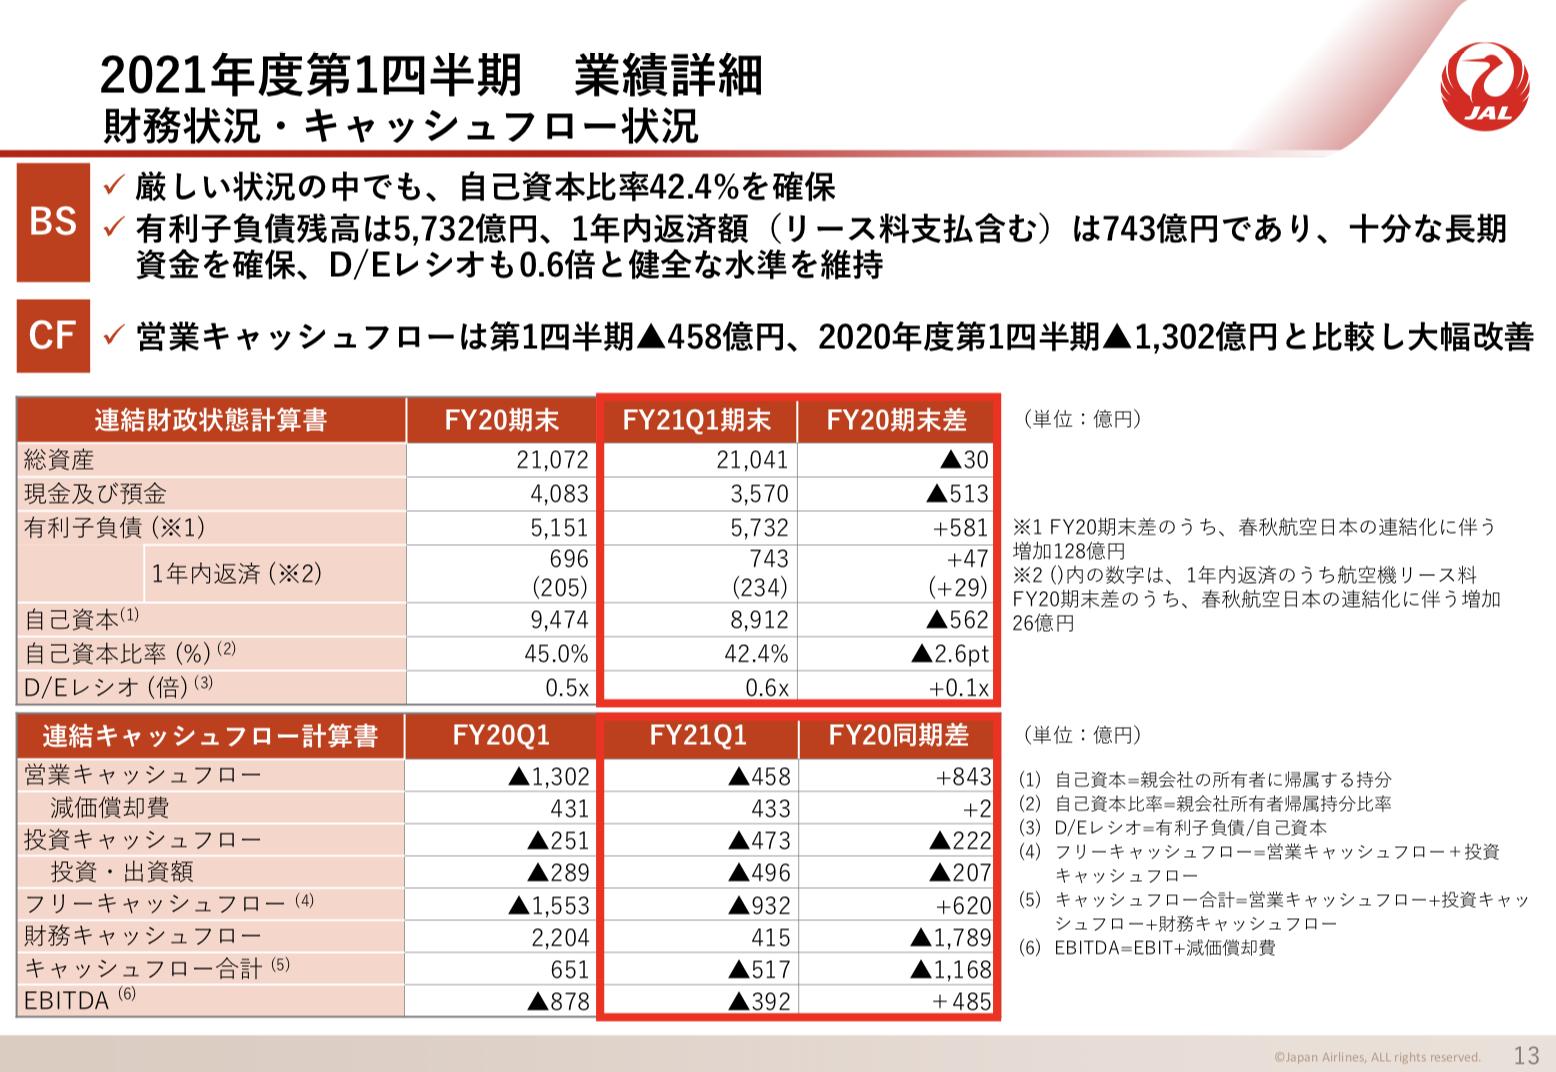 日本航空(JAL) 2021年度1Q決算を徹底解説! さとり世代の株日記 資産運用 株 投資 資産形成